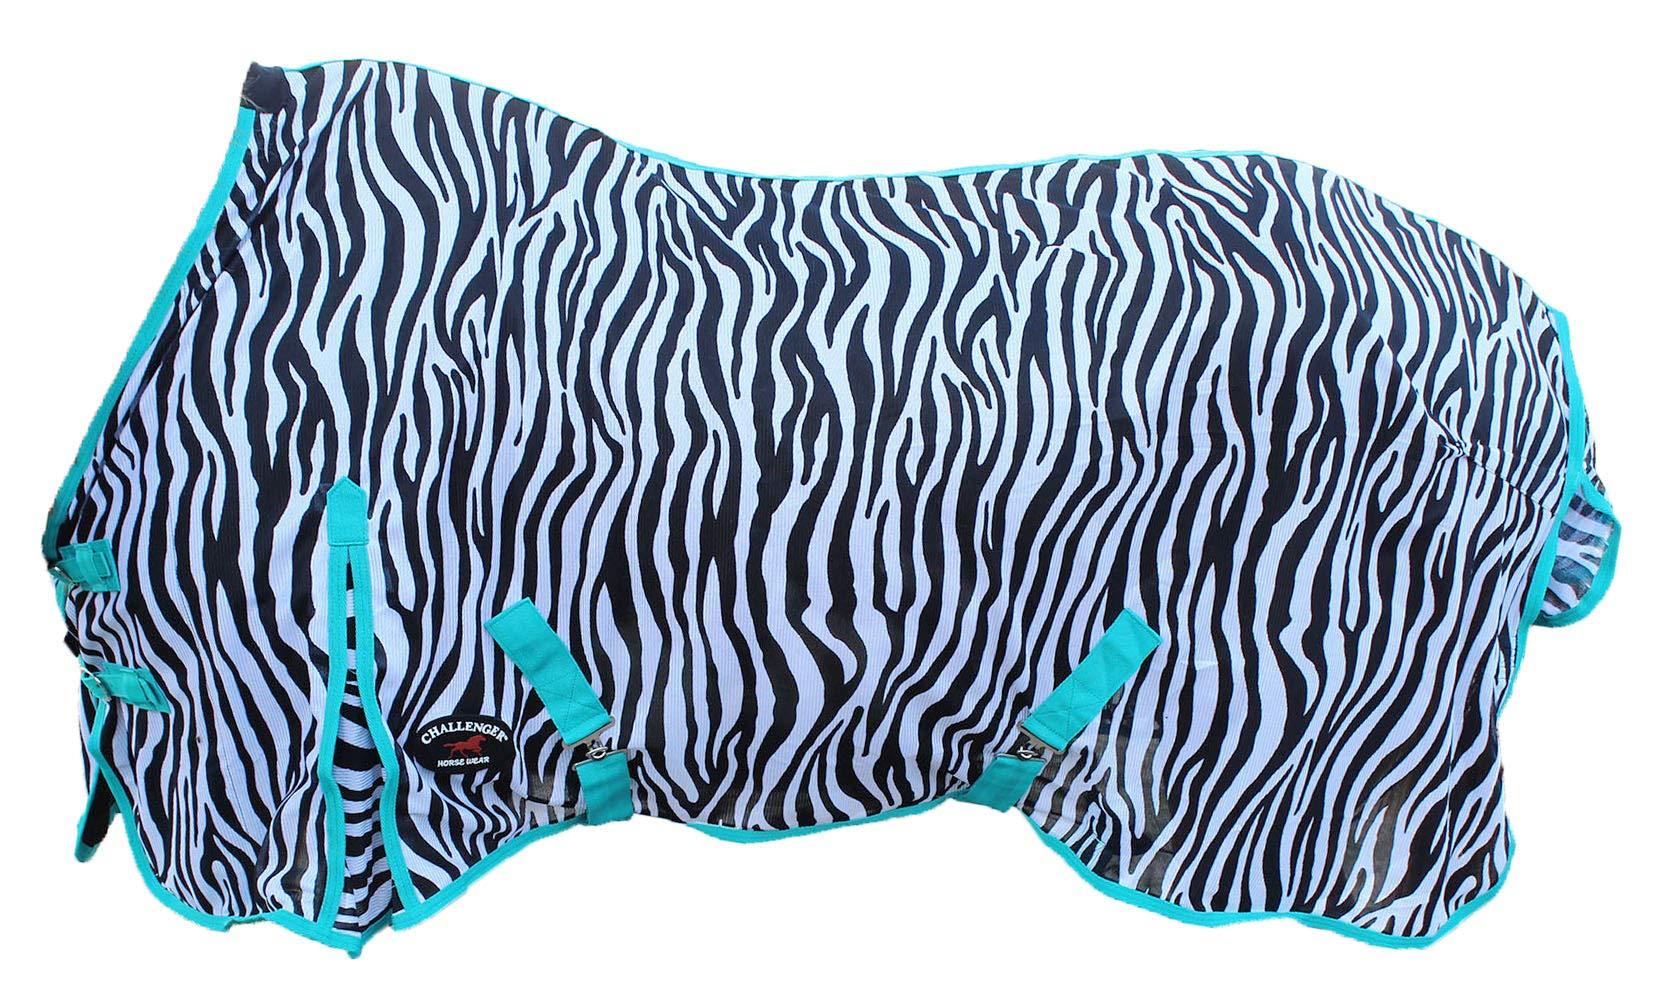 Challenger Horsewear 74'' Horse Fly Sheet Summer Spring Airflow Mesh UV Zebra 7321